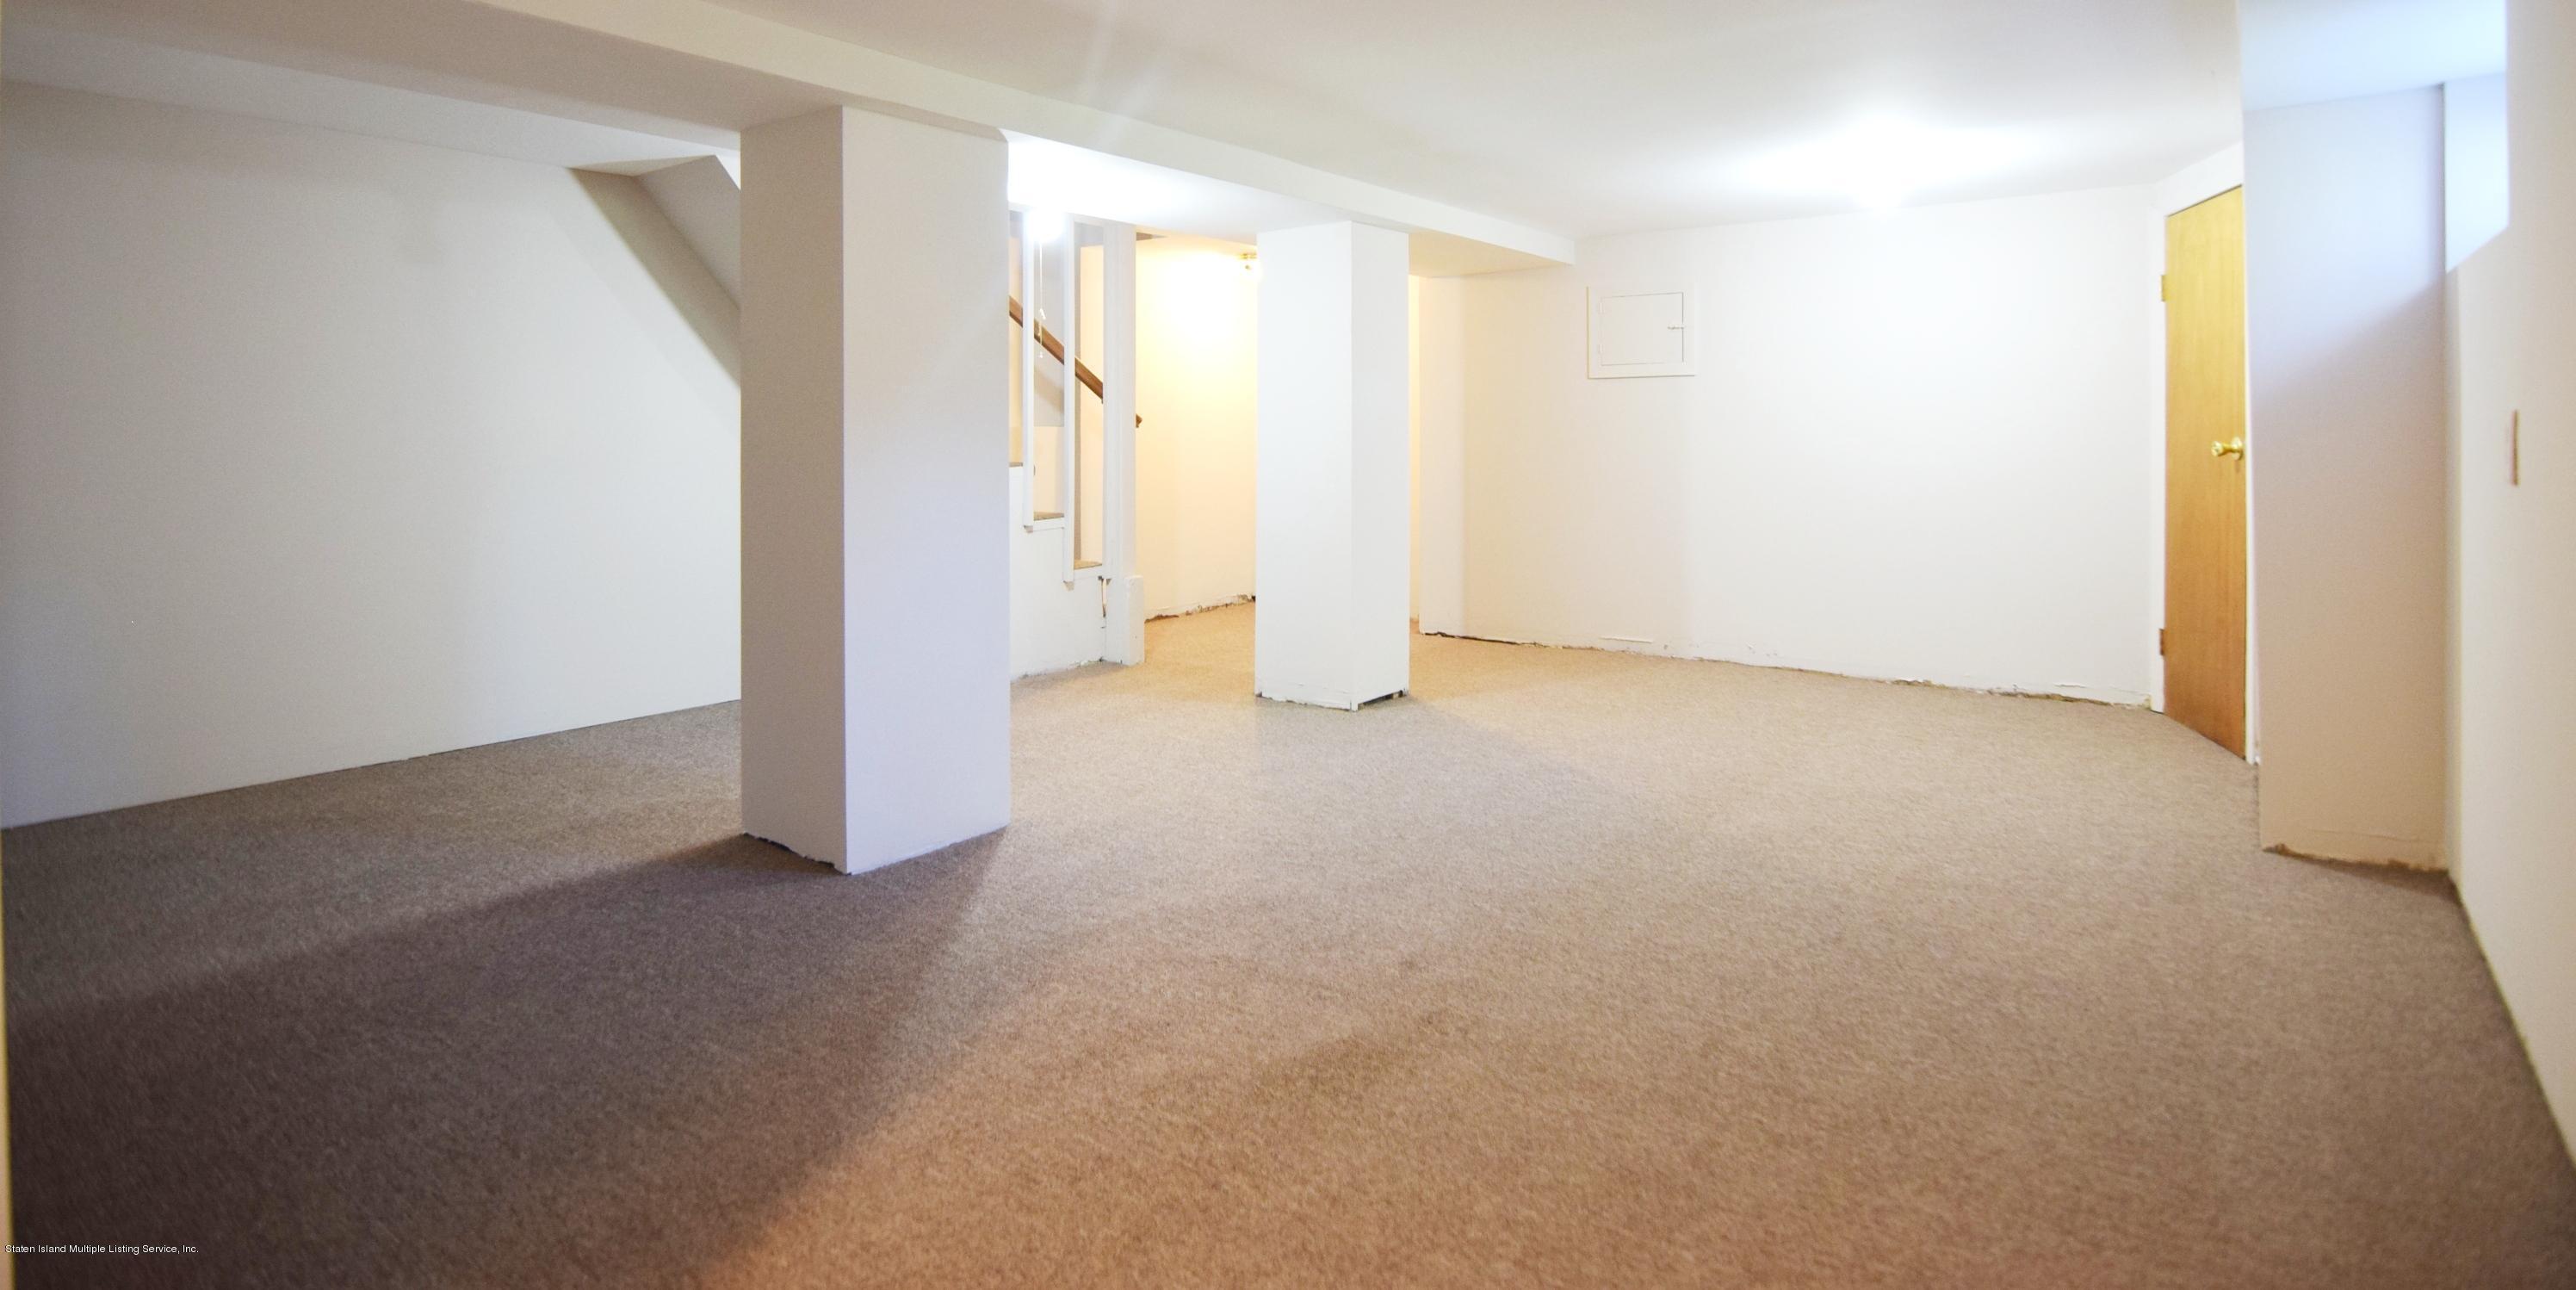 Single Family - Detached 55 Park Avenue  Staten Island, NY 10302, MLS-1128331-33